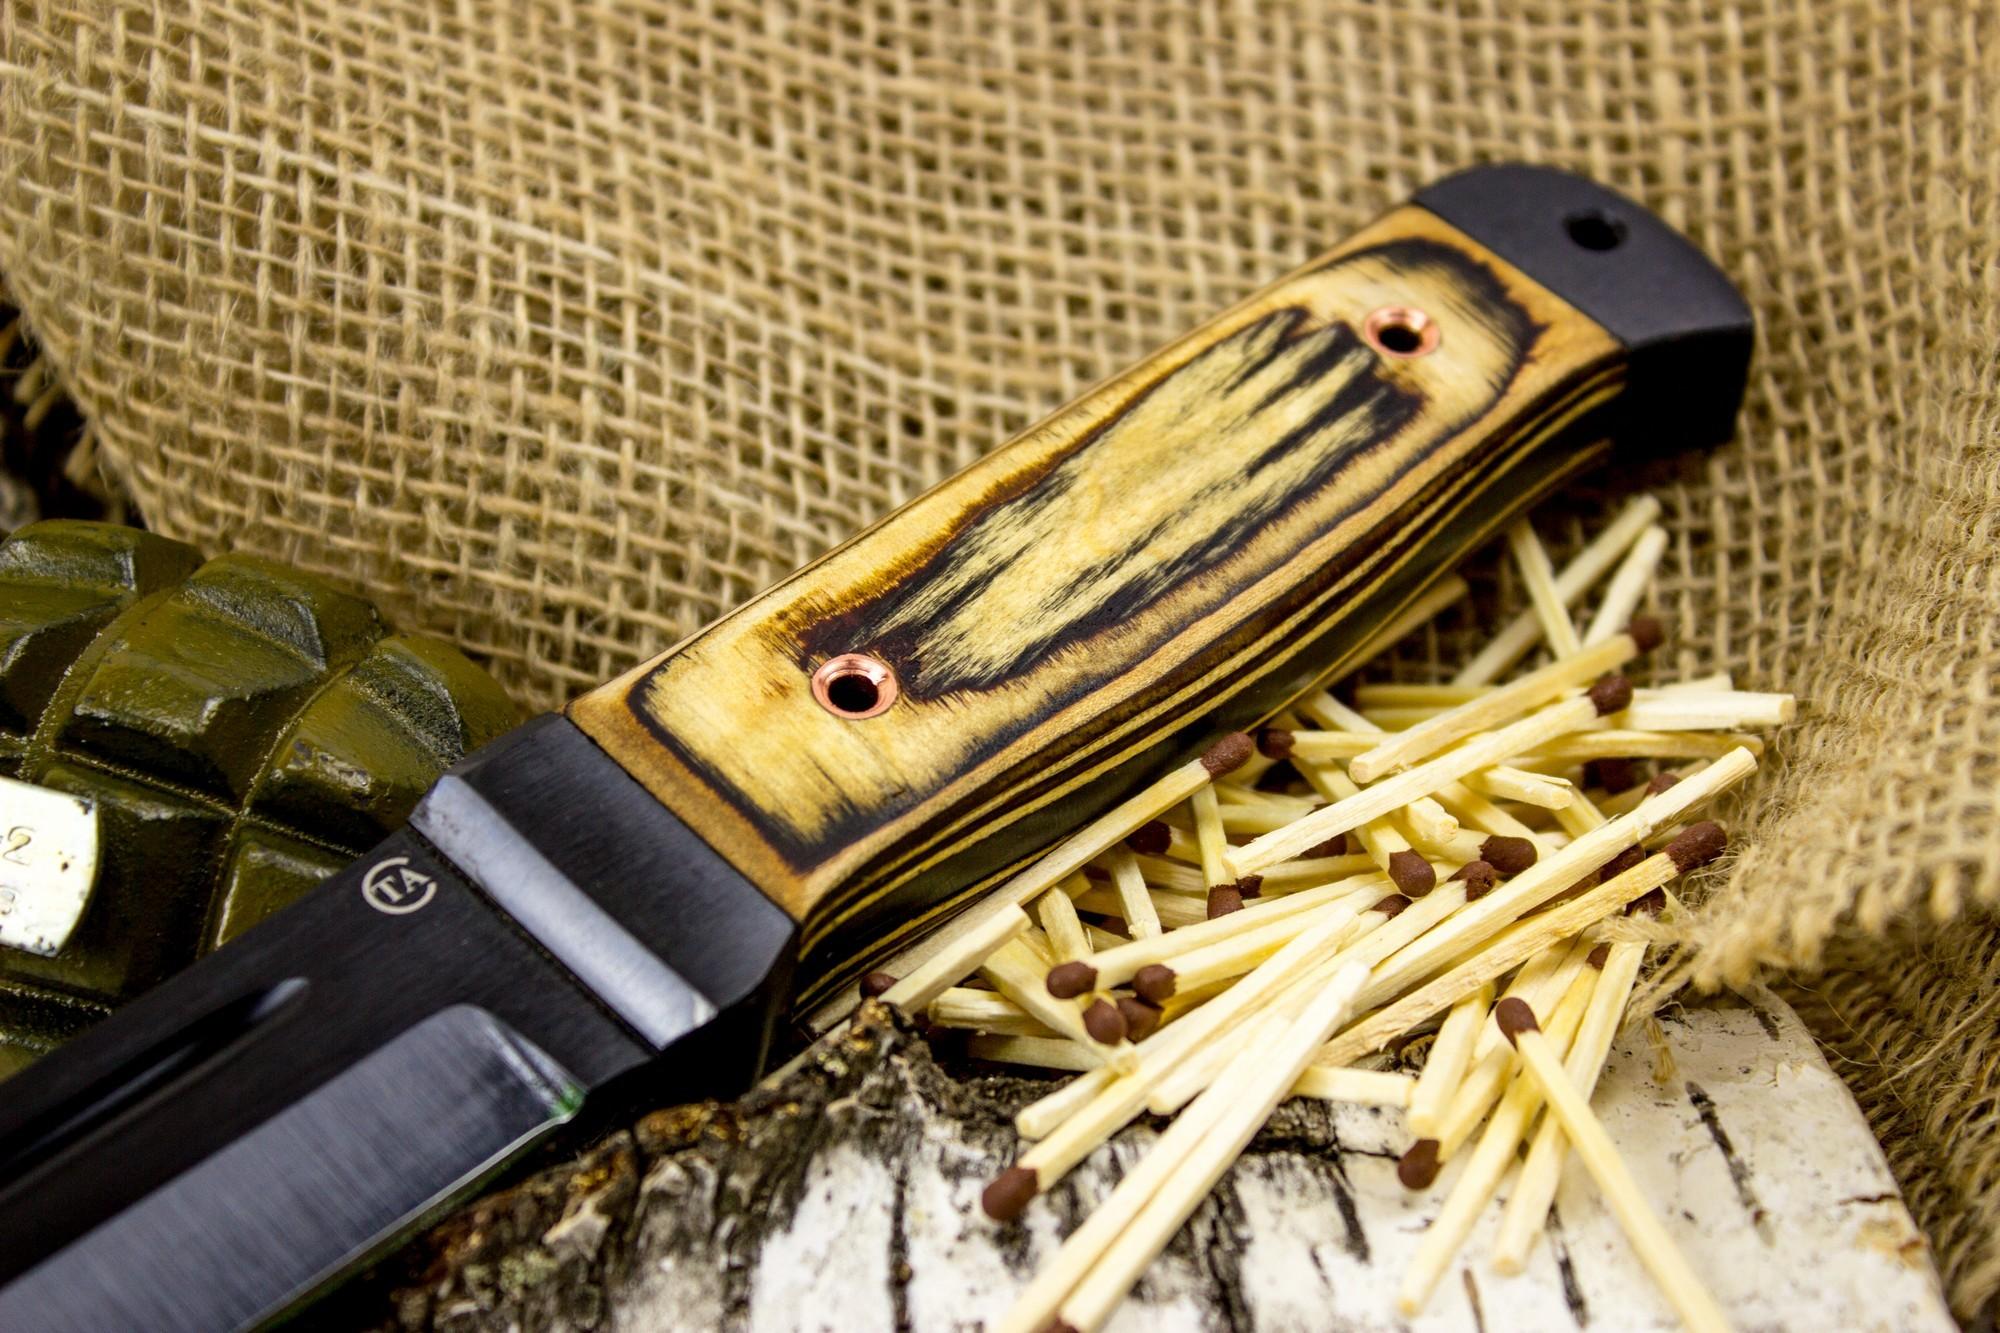 Фото 4 - Нож Горец-2, сталь 65Г, бакелитовая фанера от Титов и Солдатова